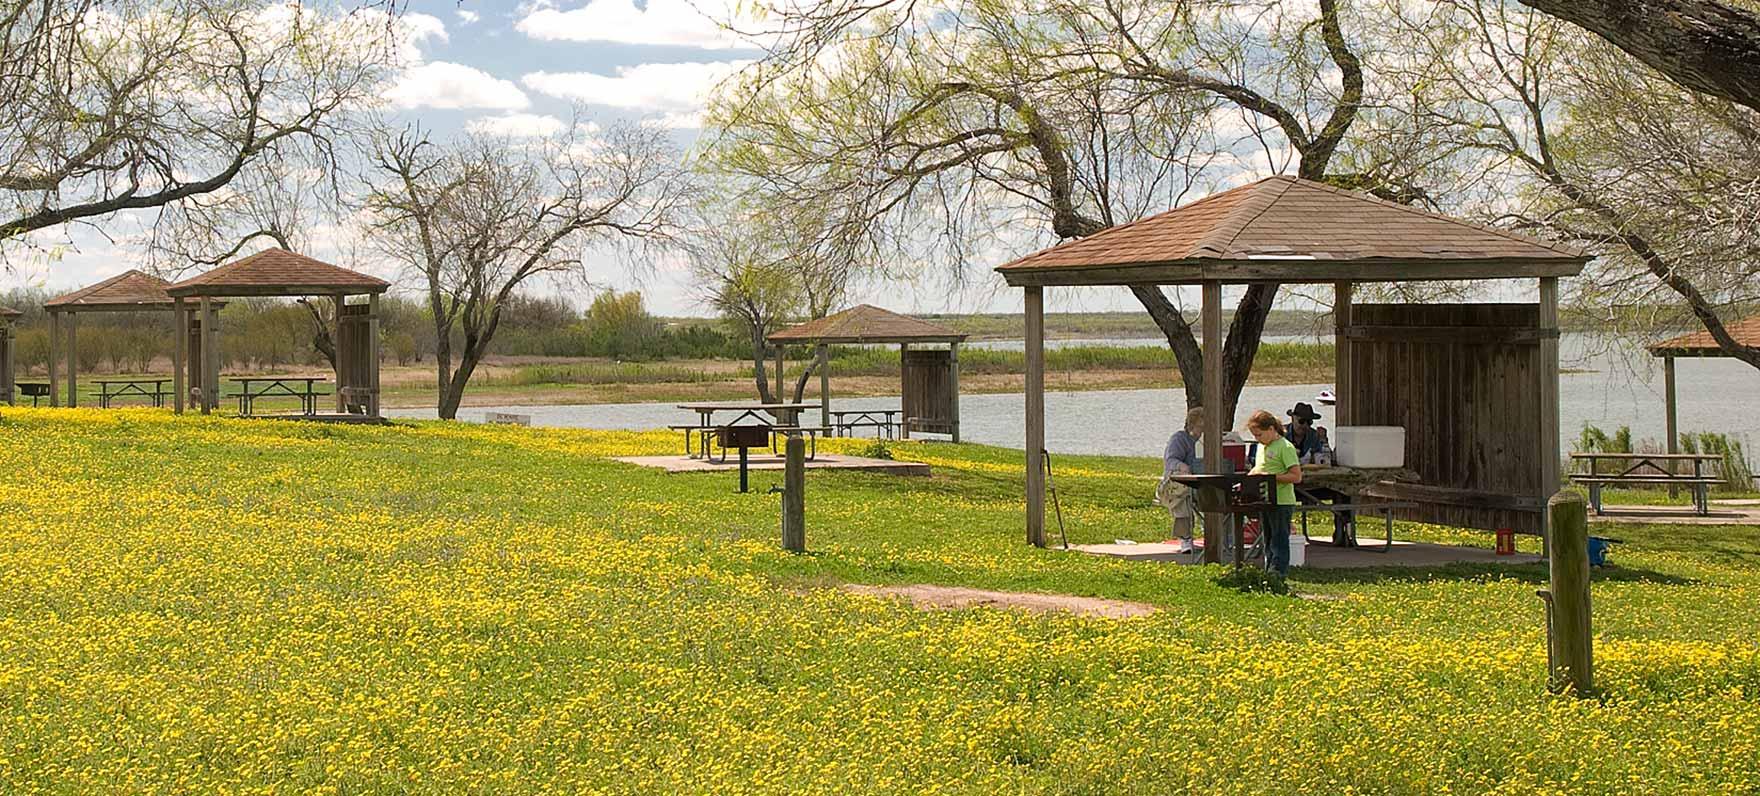 Choke Canyon State Park Map Choke Canyon State Park CHOKE CANYON DAY USE_7527. — Texas